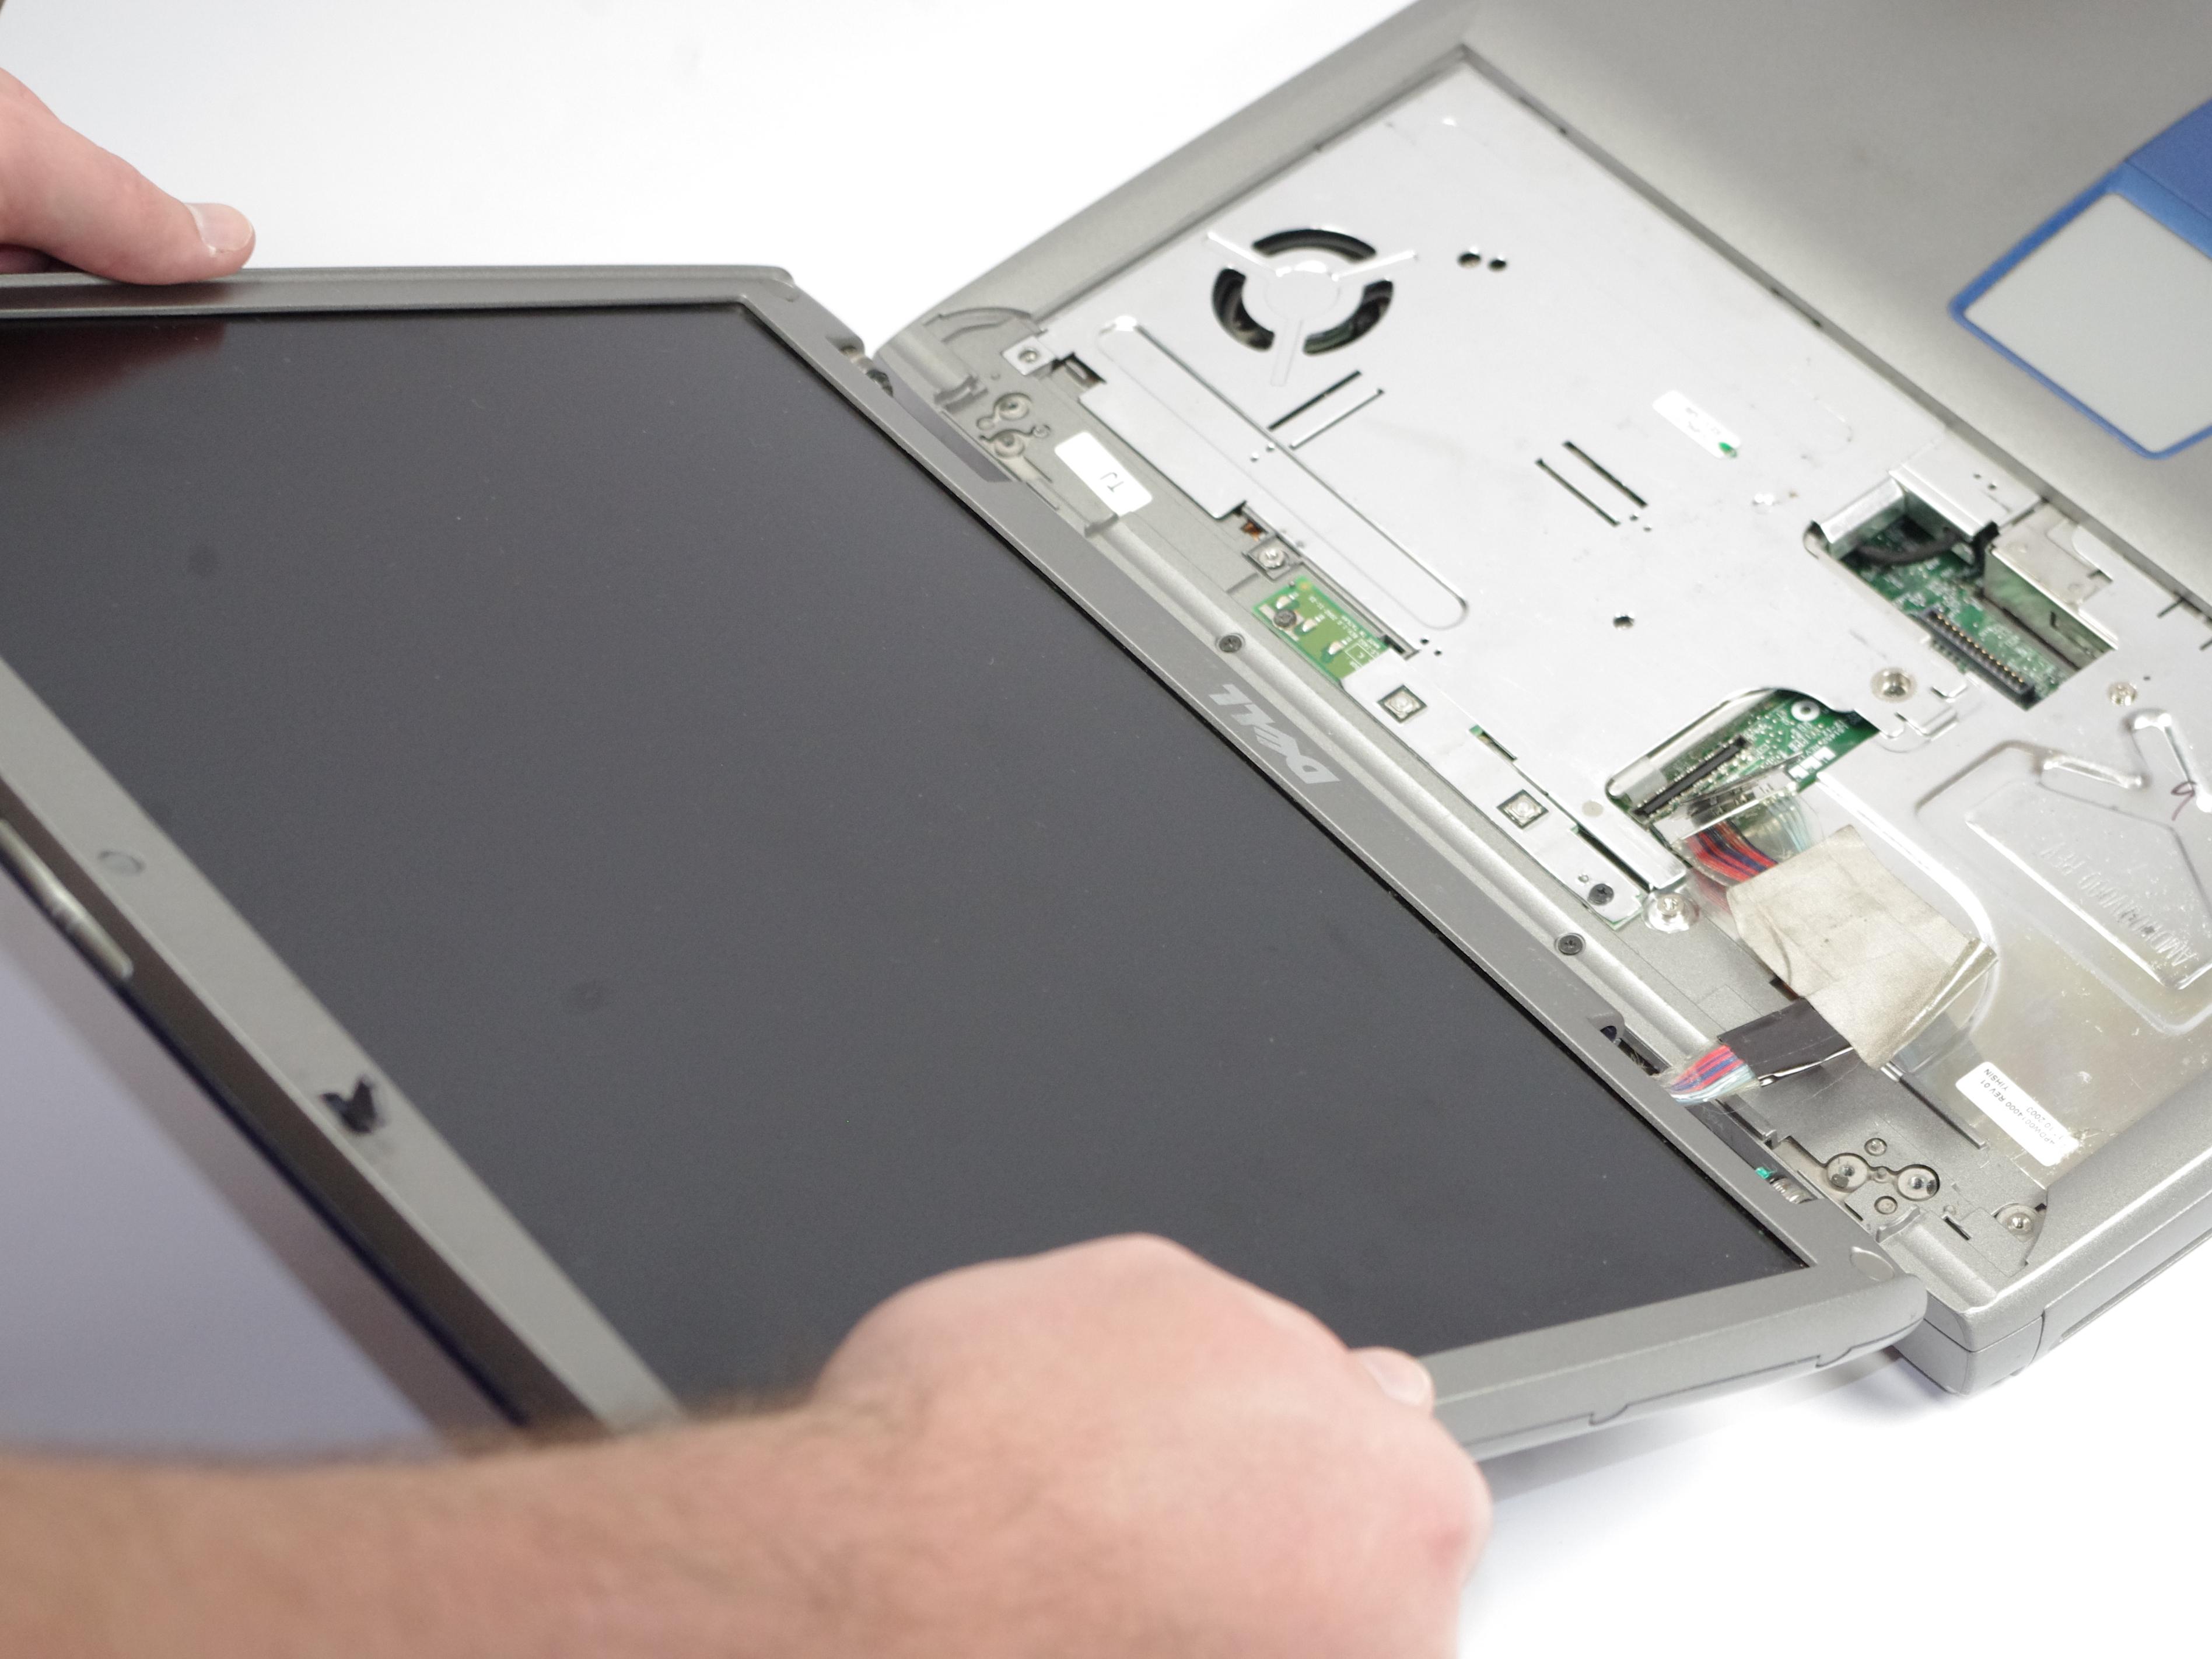 dell inspiron 5100 pp07l repair ifixit rh ifixit com Dell Inspiron 5100 Manual Power Cord Dell Inspiron PP07L